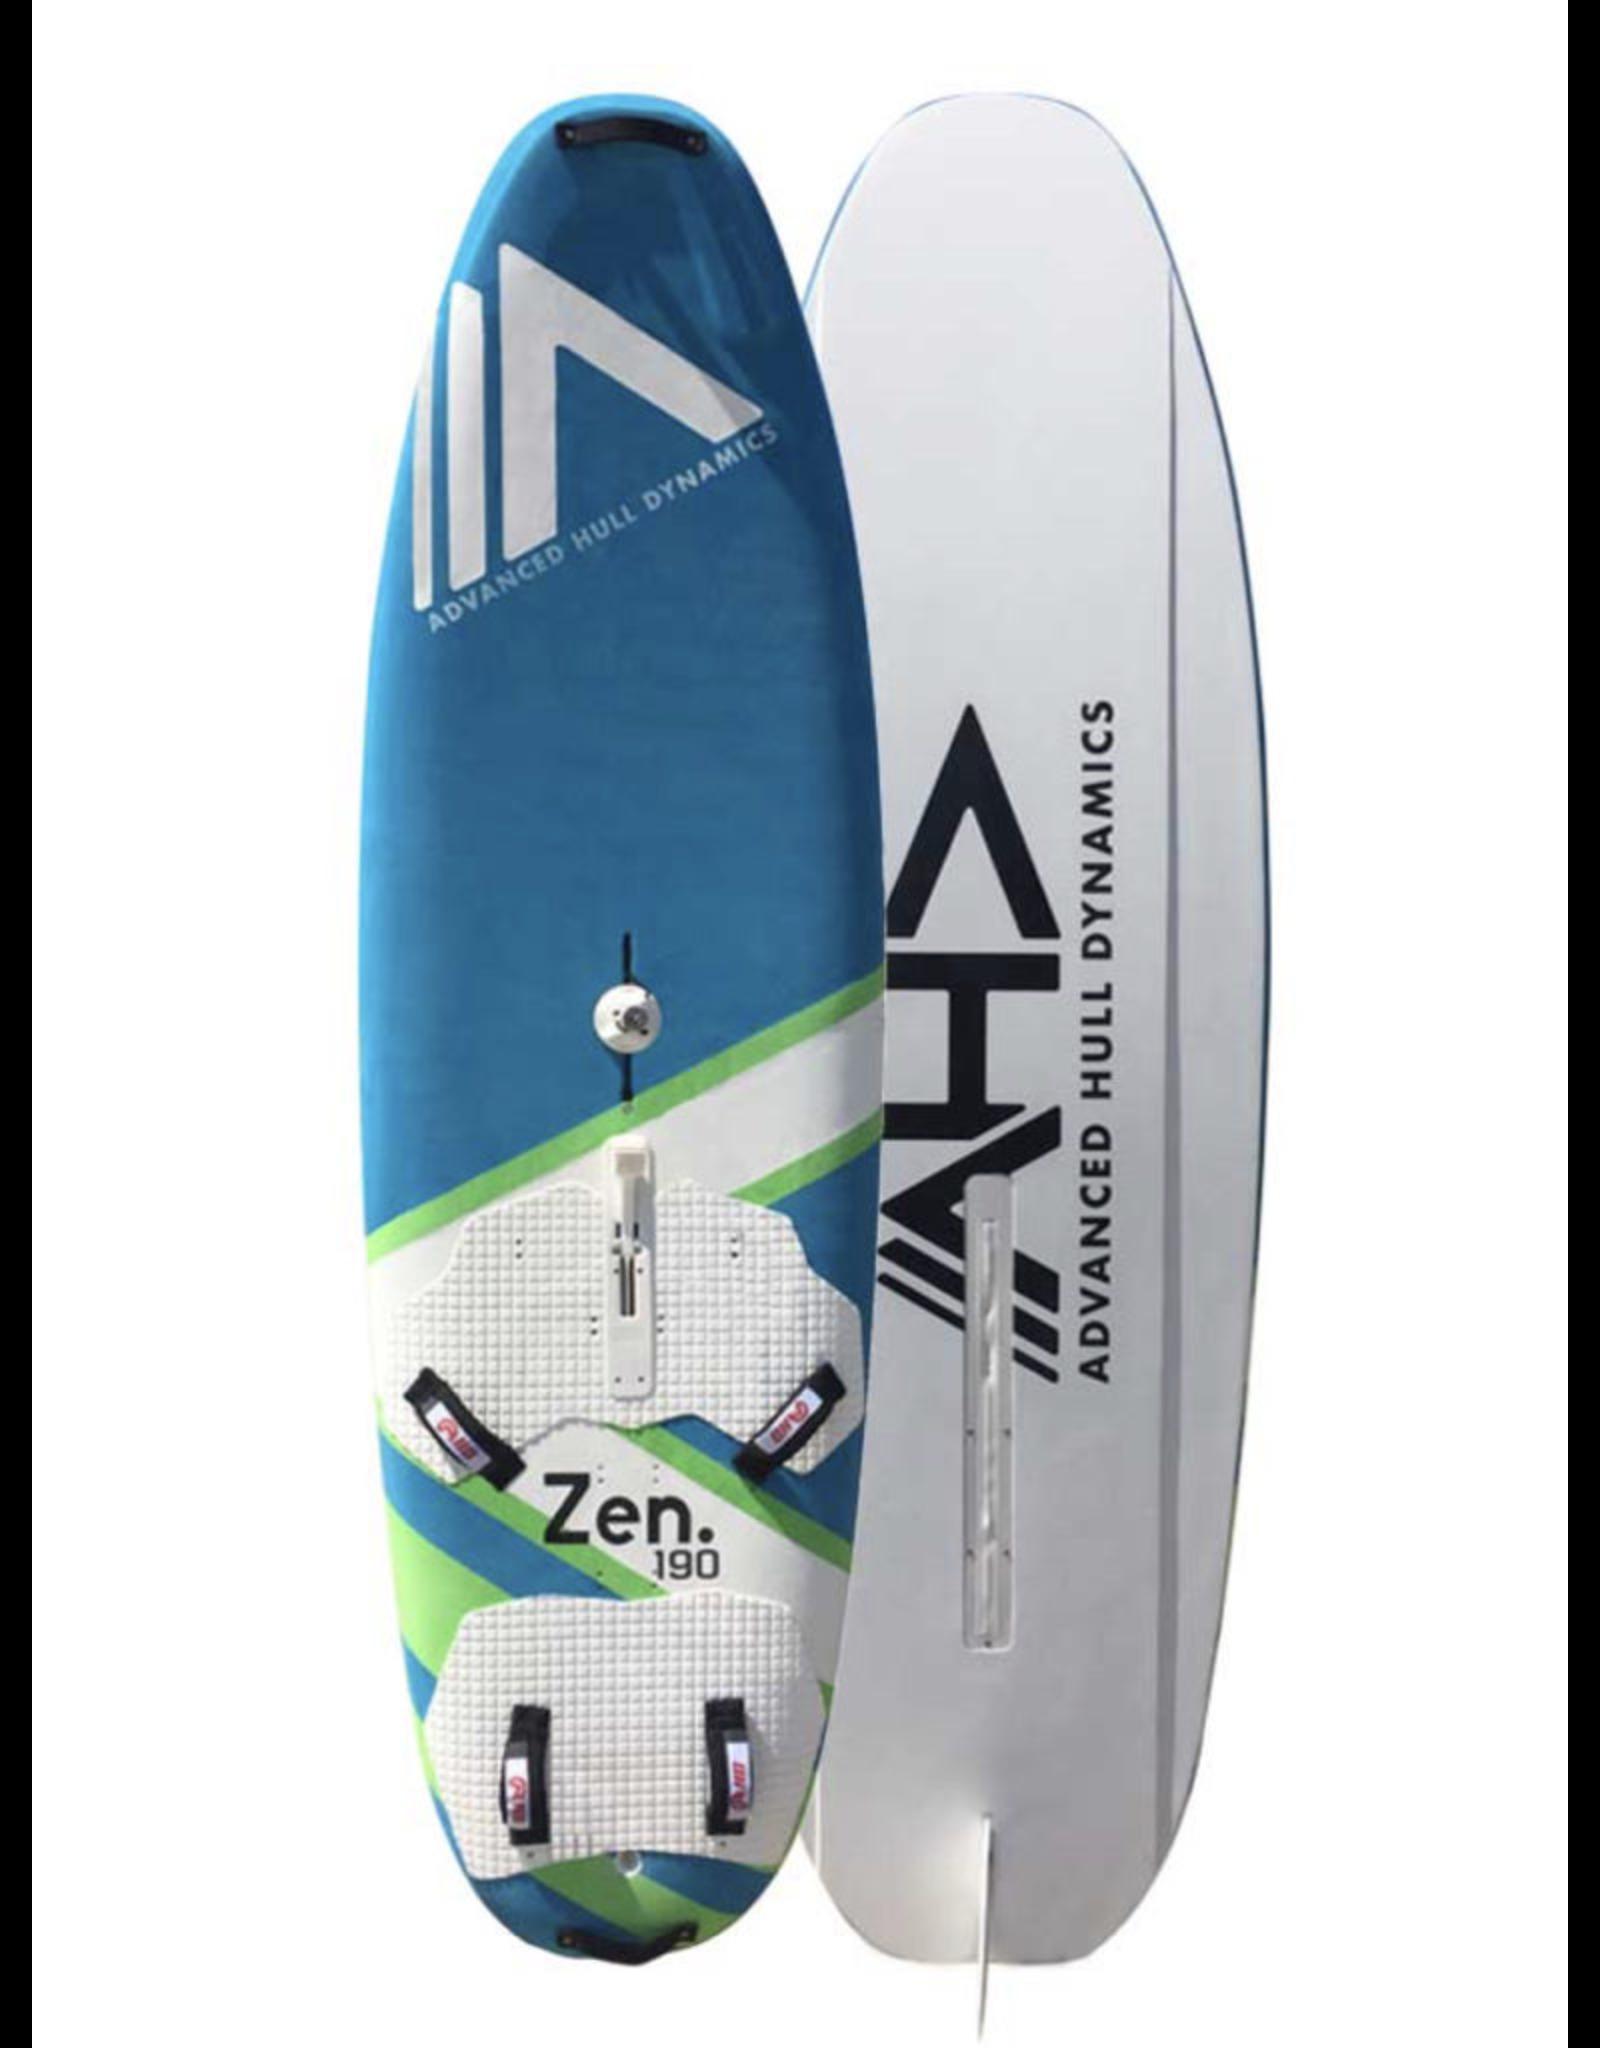 AFS AHD -  Zen 190 kjølbrett 290/80,5cm kjølbrett